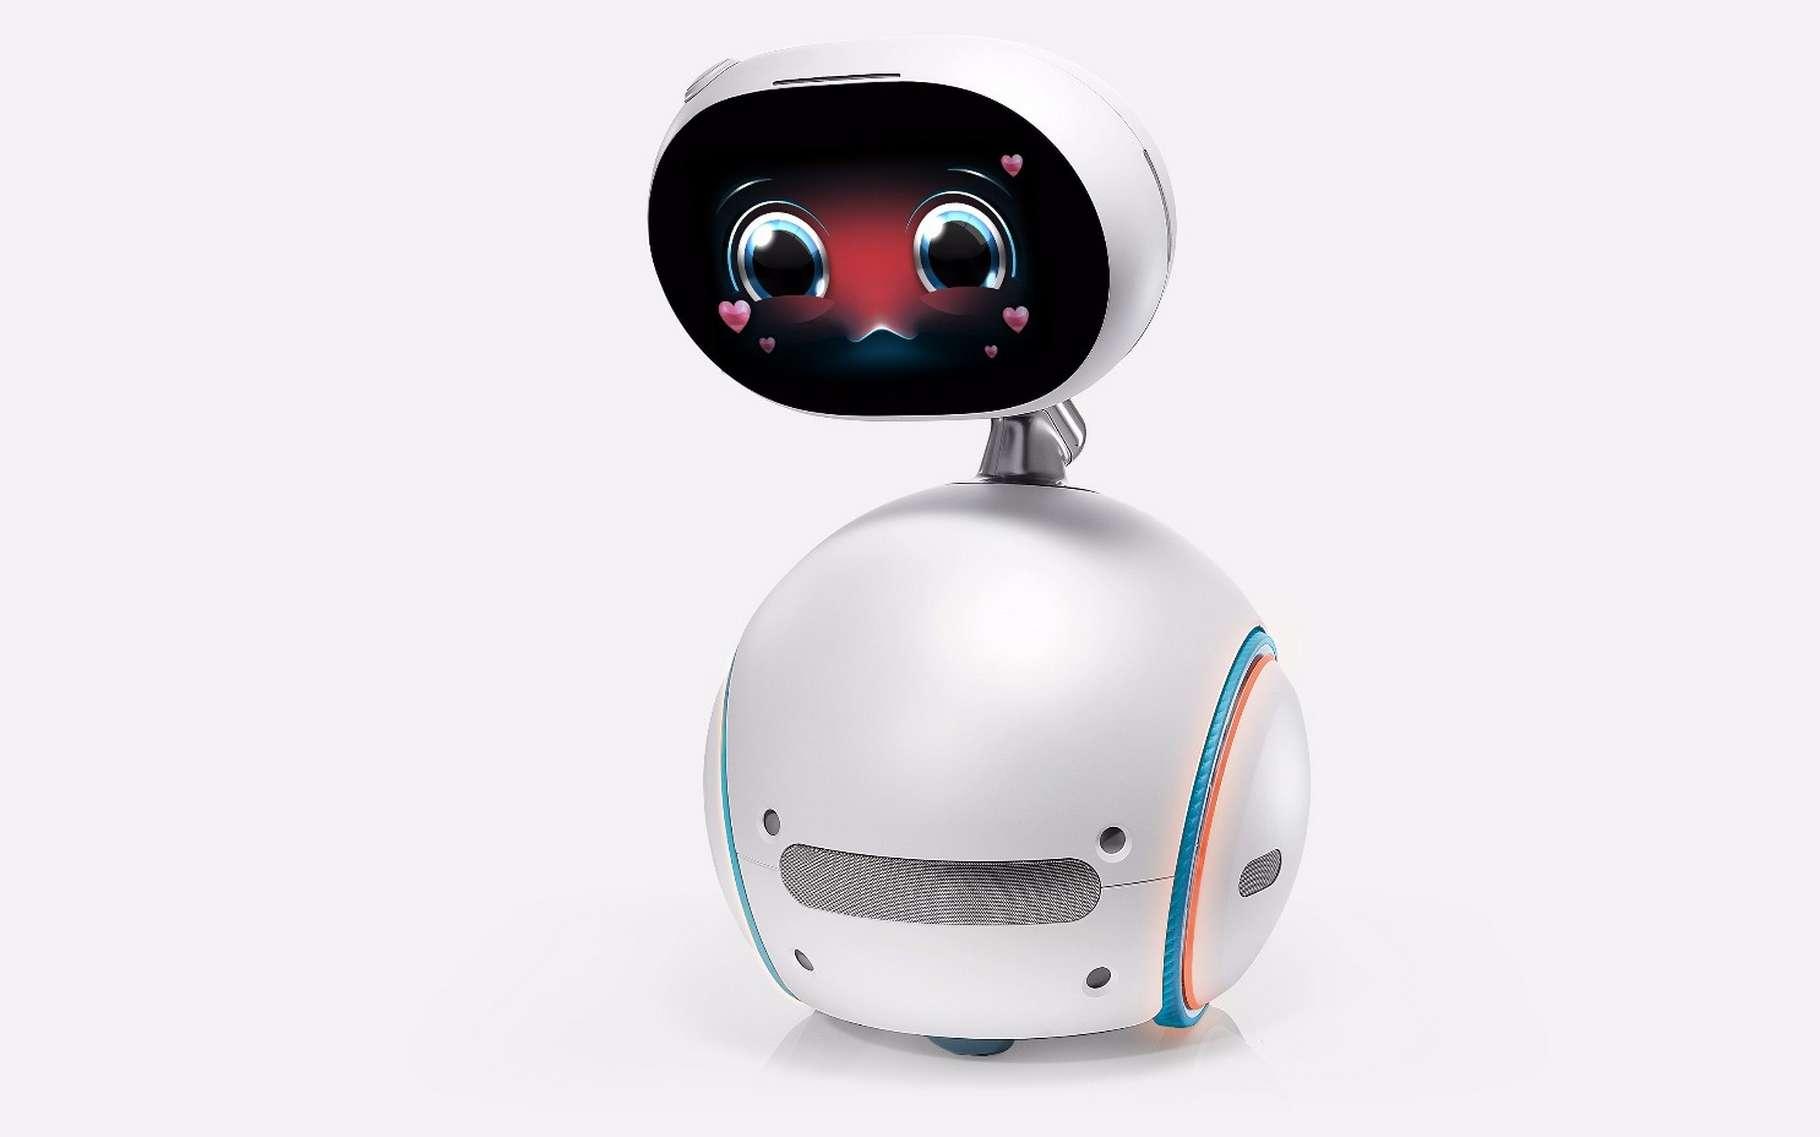 Asus mise sur la robotique domestique avec Zenbo, un sympathique petit robot destiné à servir tous les membres de la famille. © Asus